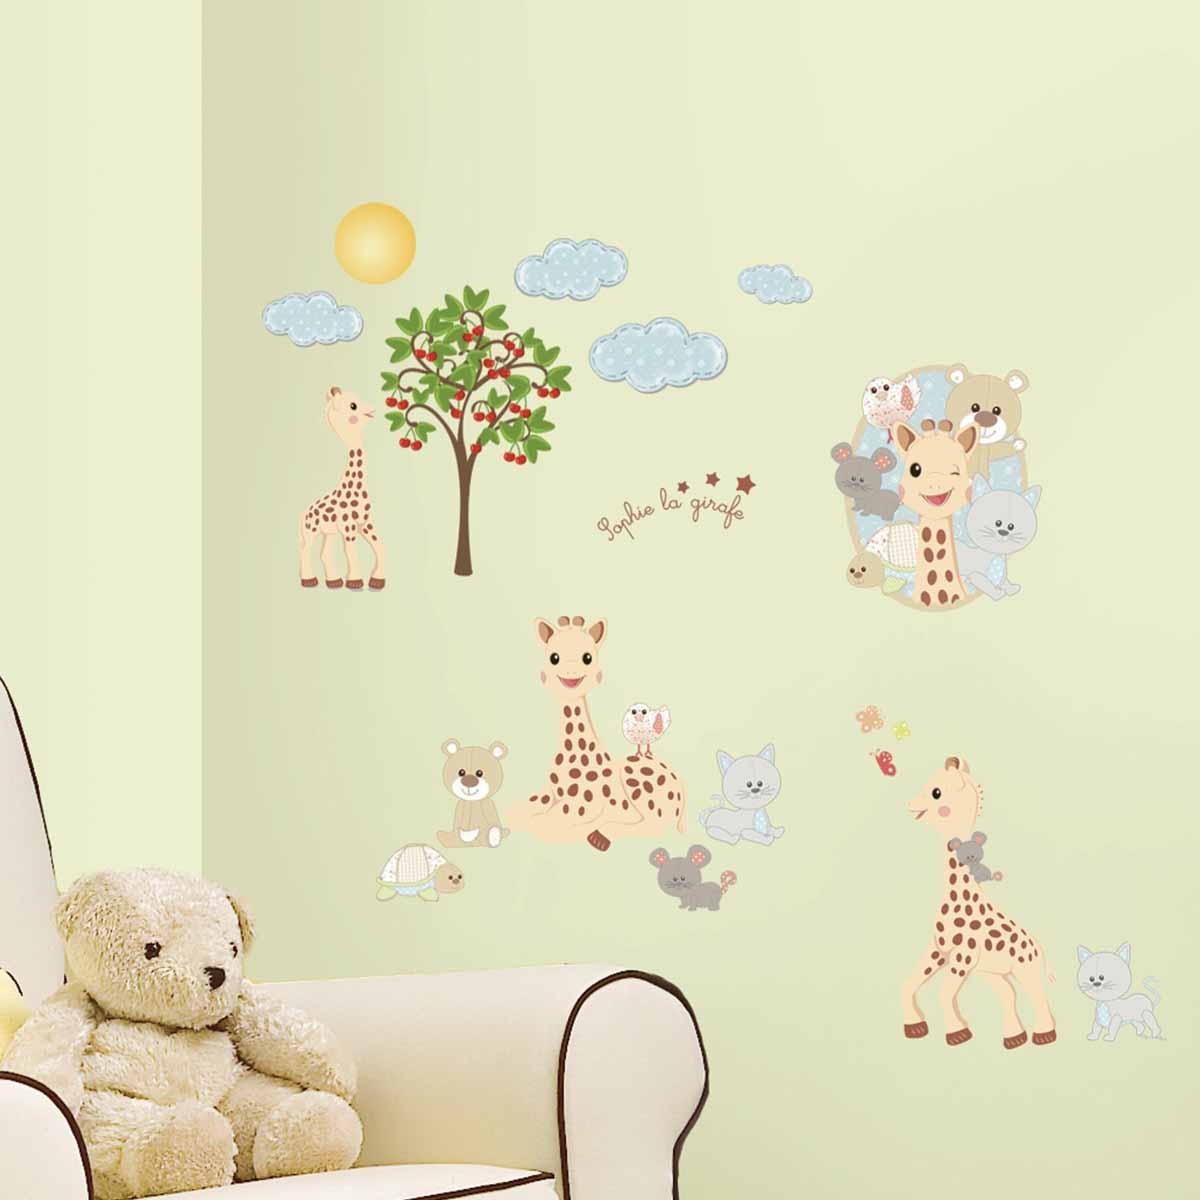 RoomMates Наклейки для декора Жираф Софи -  Детская комната